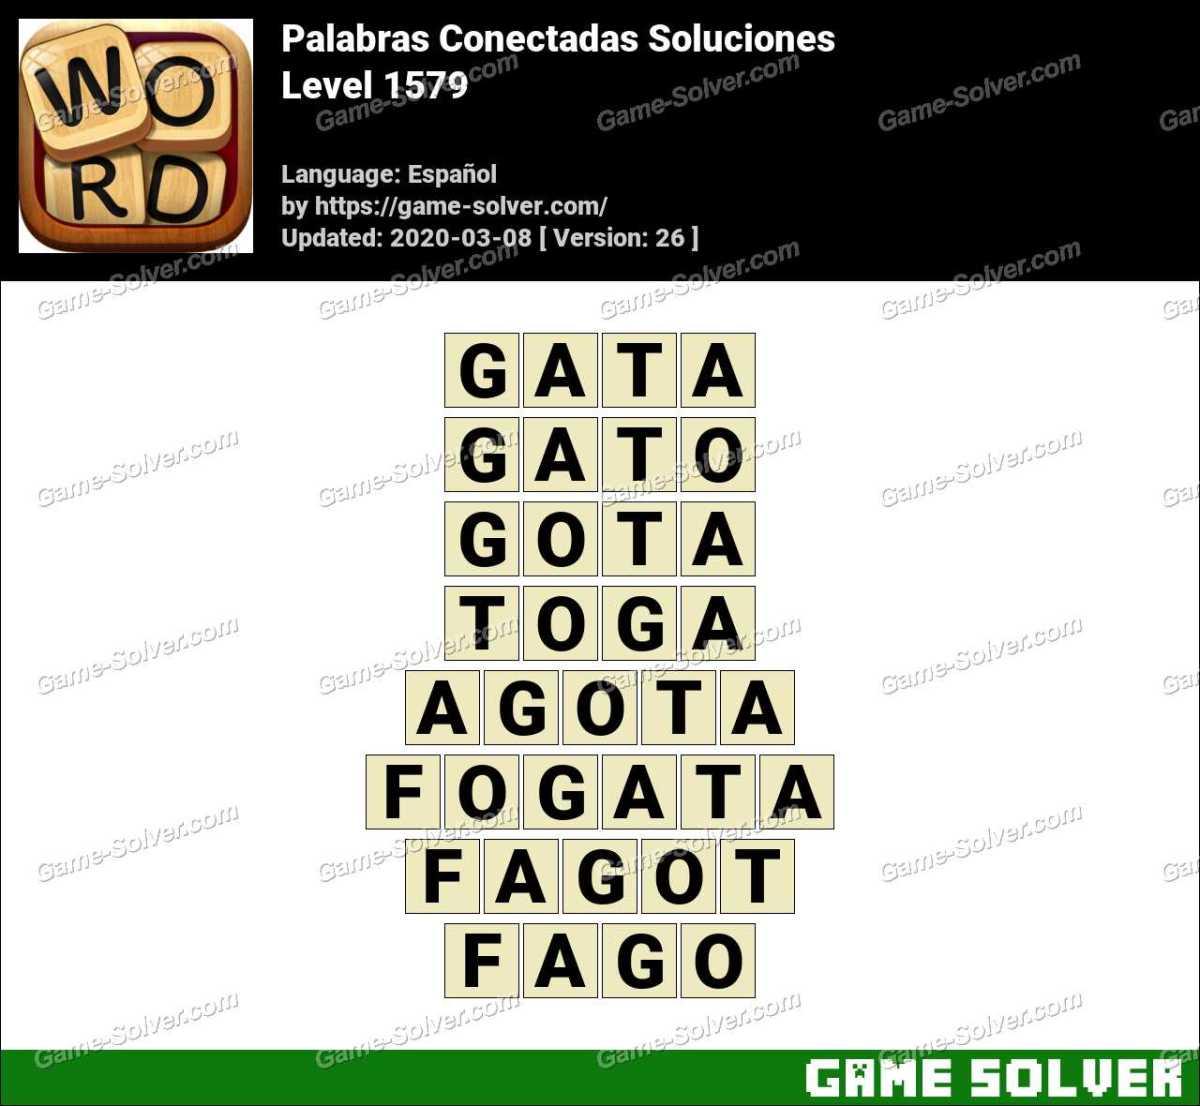 Palabras Conectadas Nivel 1579 Soluciones